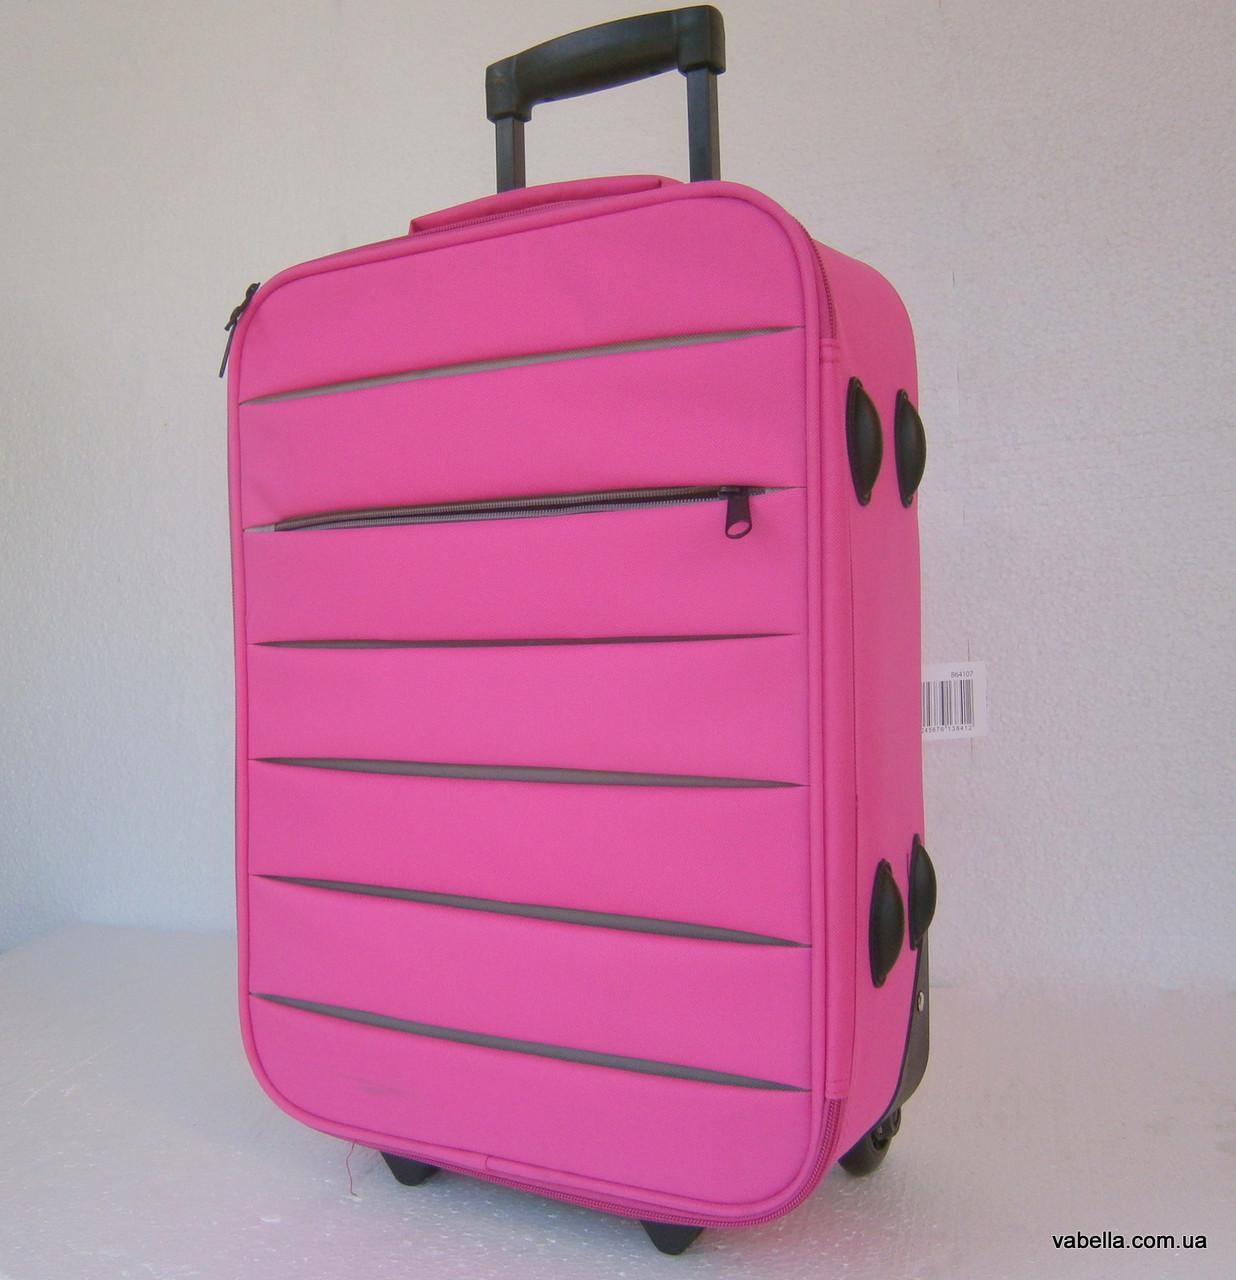 Интернет магазин чемоданы на колесах хозяйственные сумки-тележки скл